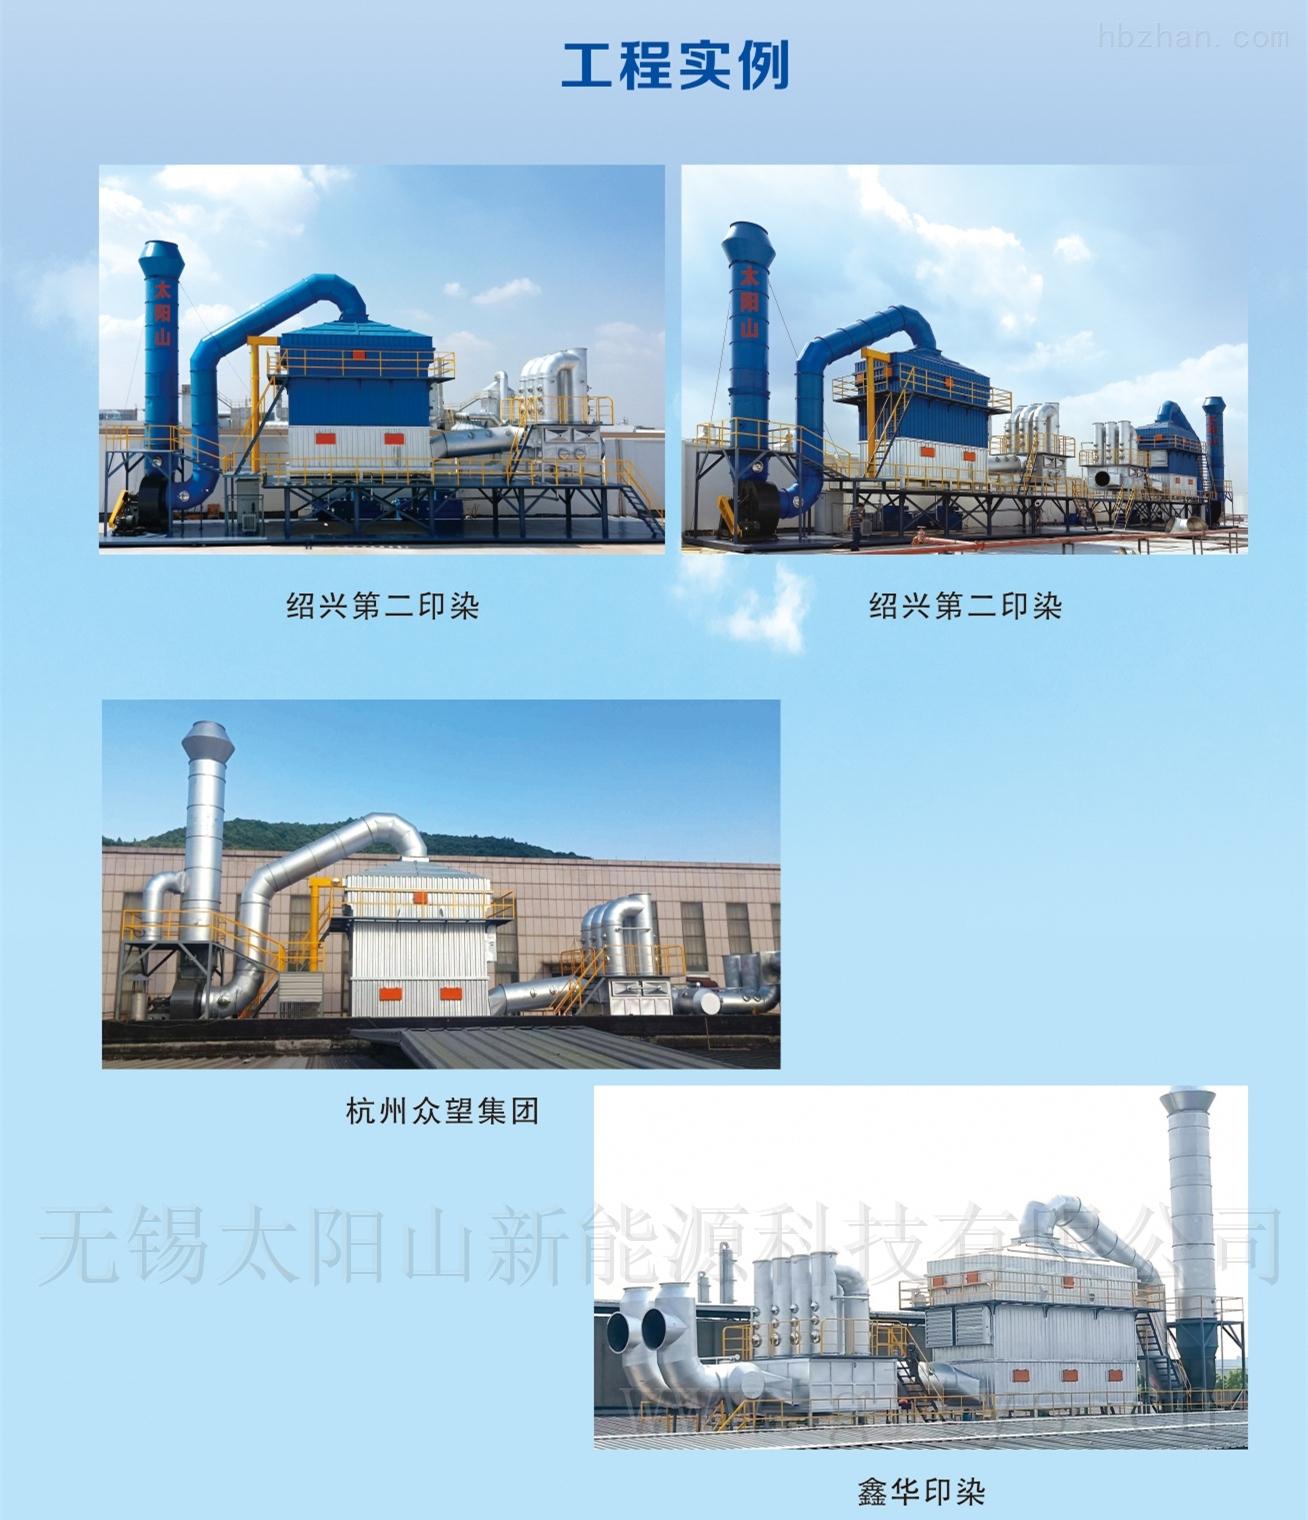 案例 绍兴第二印染厂杭州众望集团鑫华印染